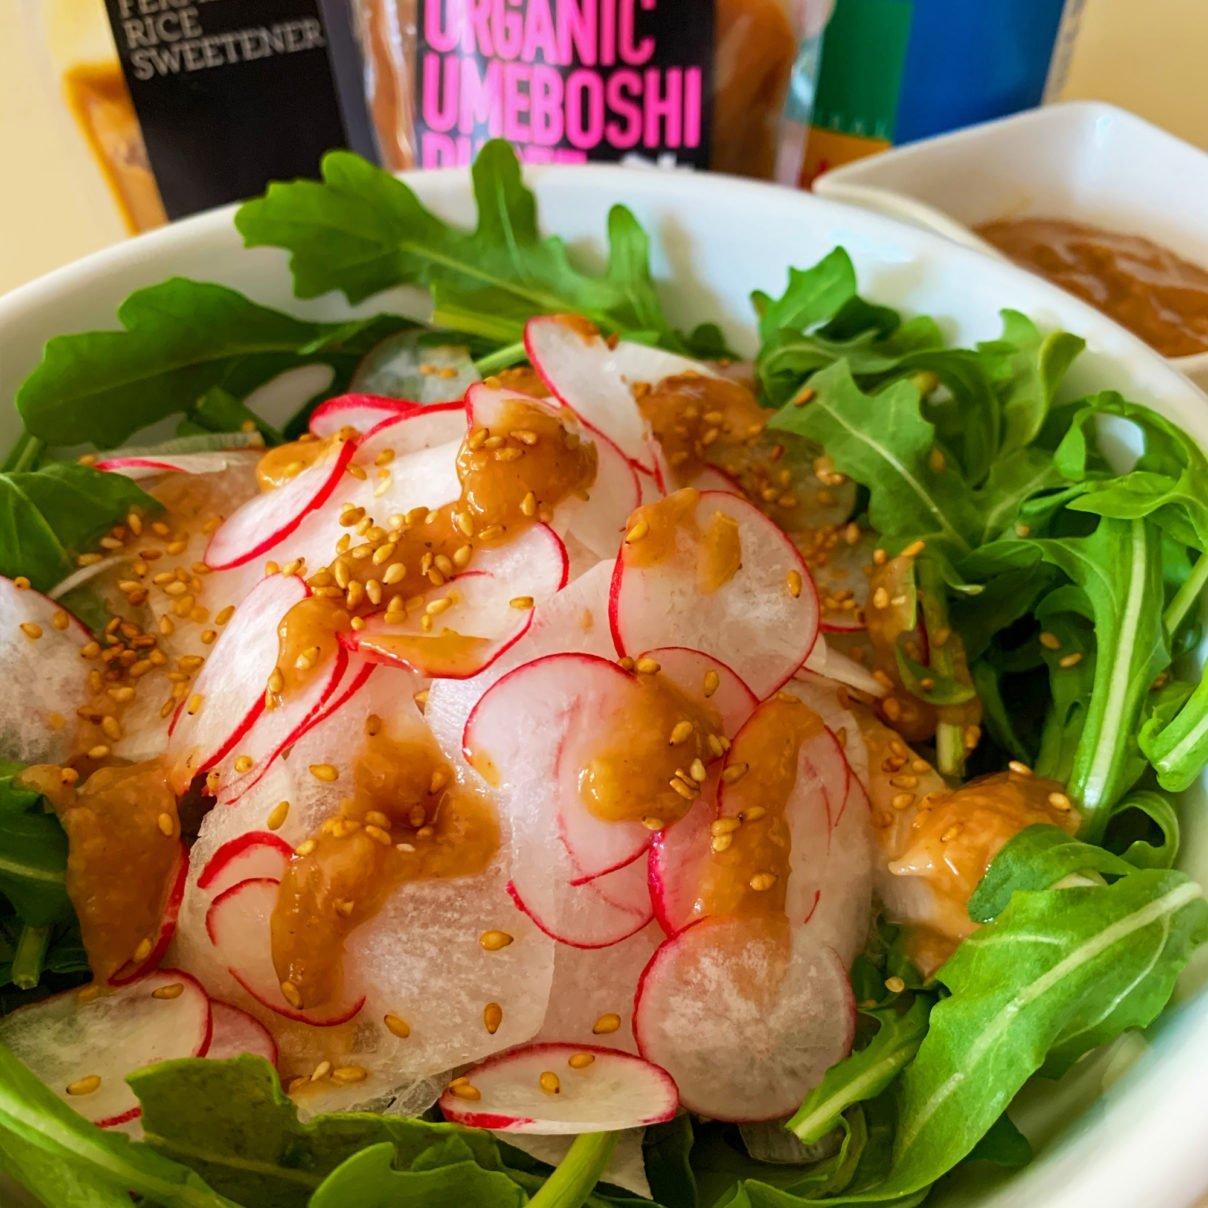 Daikon Radish Salad with Umeboshi Amazake Dressing